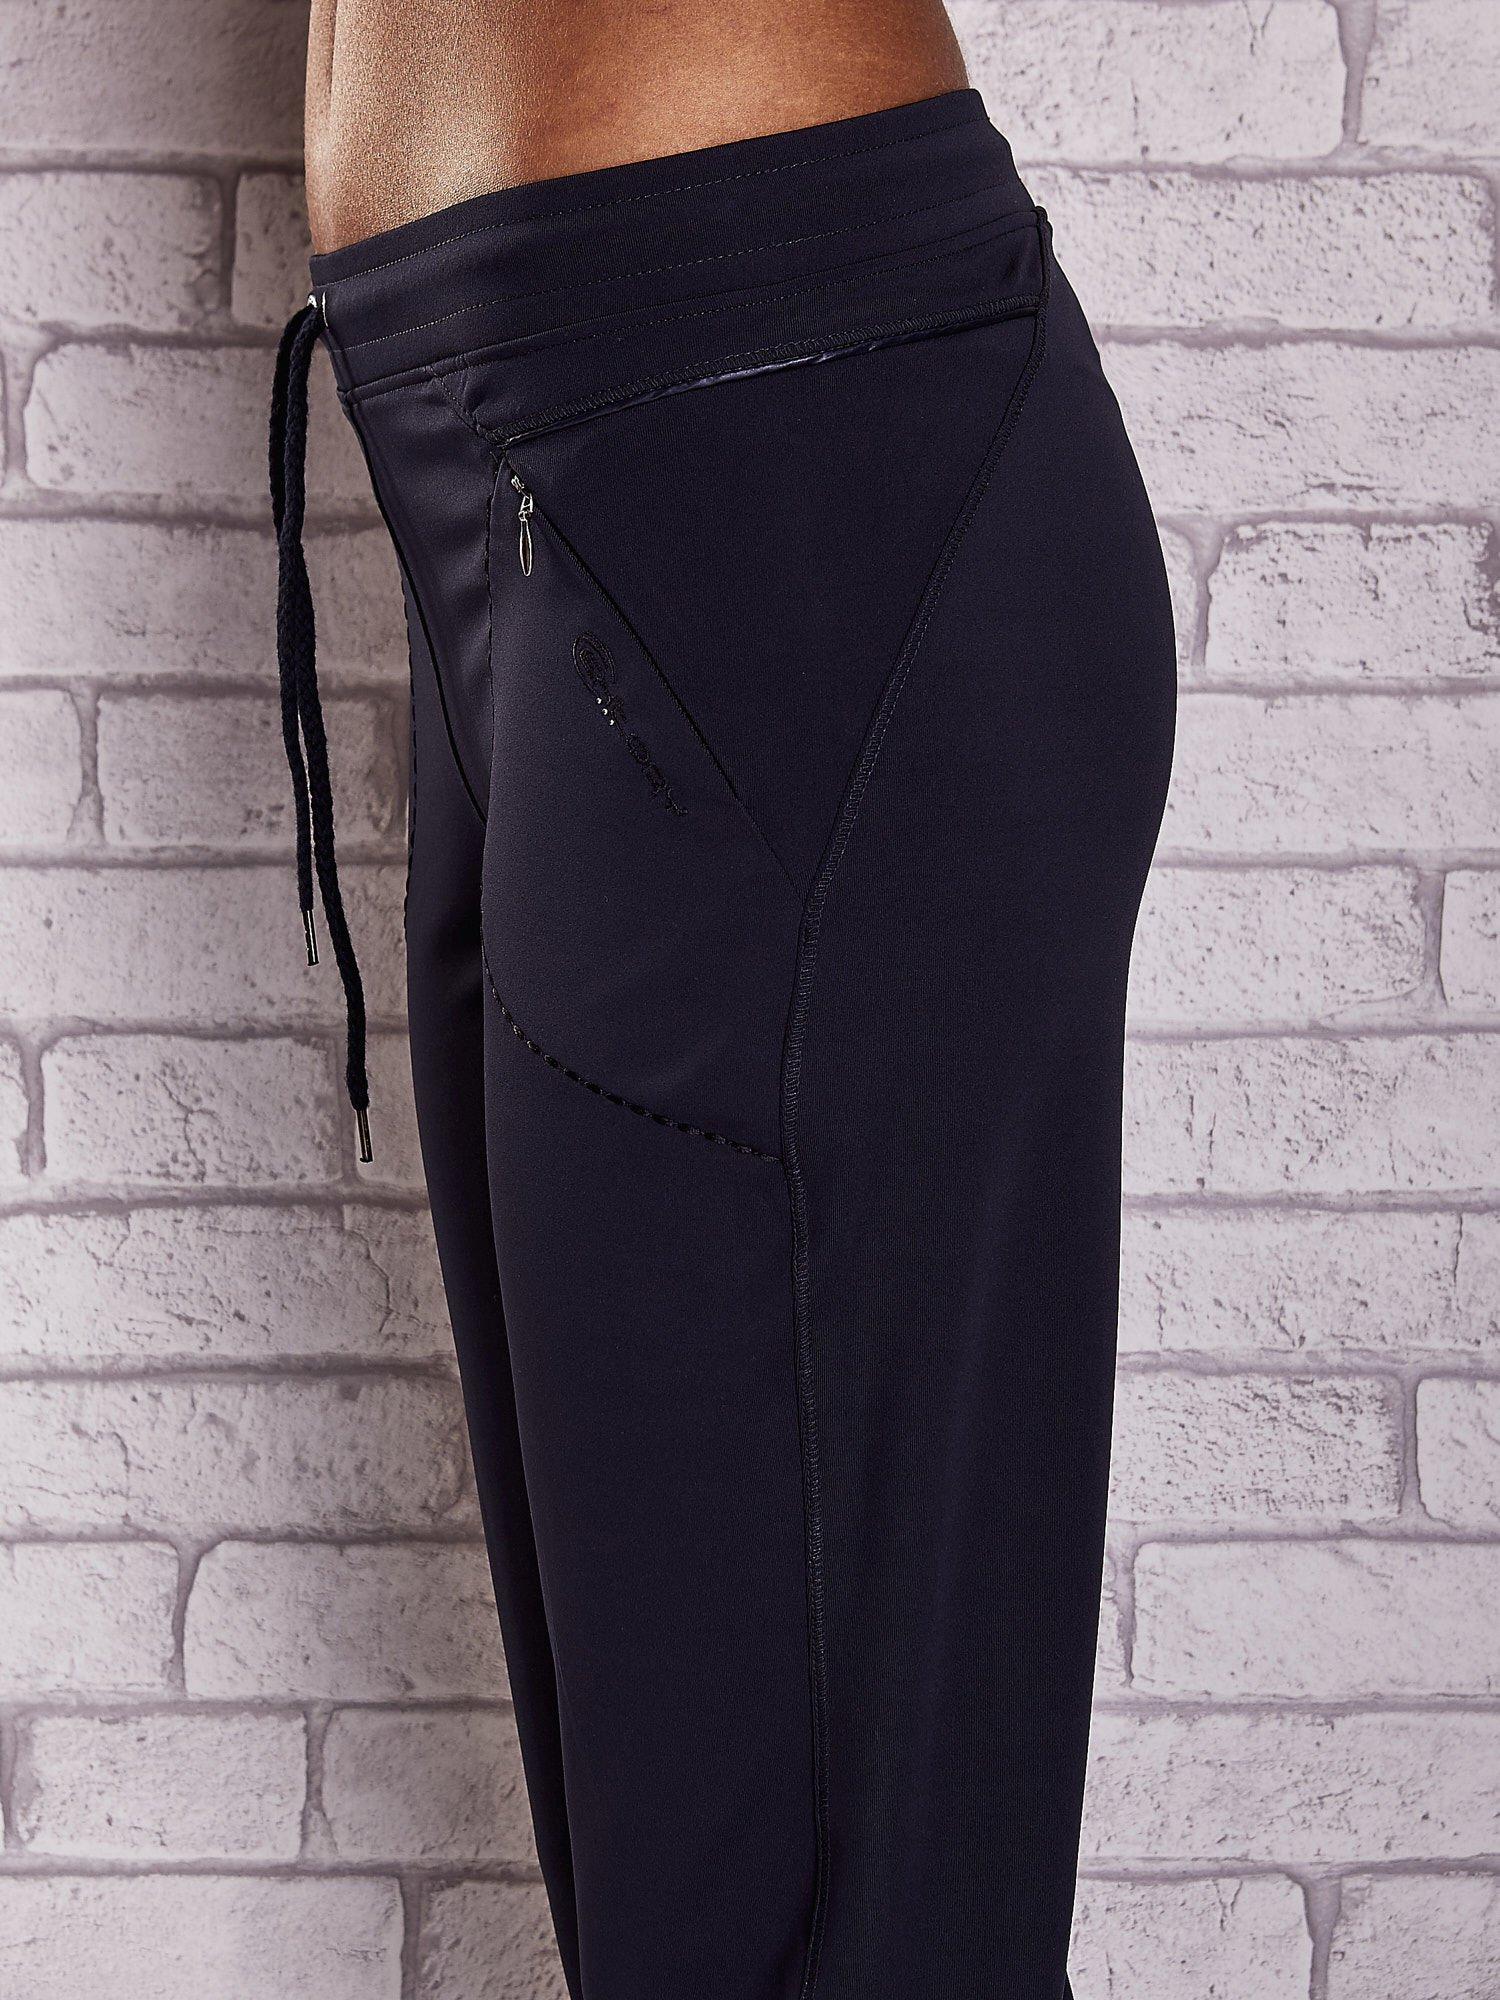 Granatowe spodnie capri z kieszonką i haftem PLUS SIZE                                  zdj.                                  5